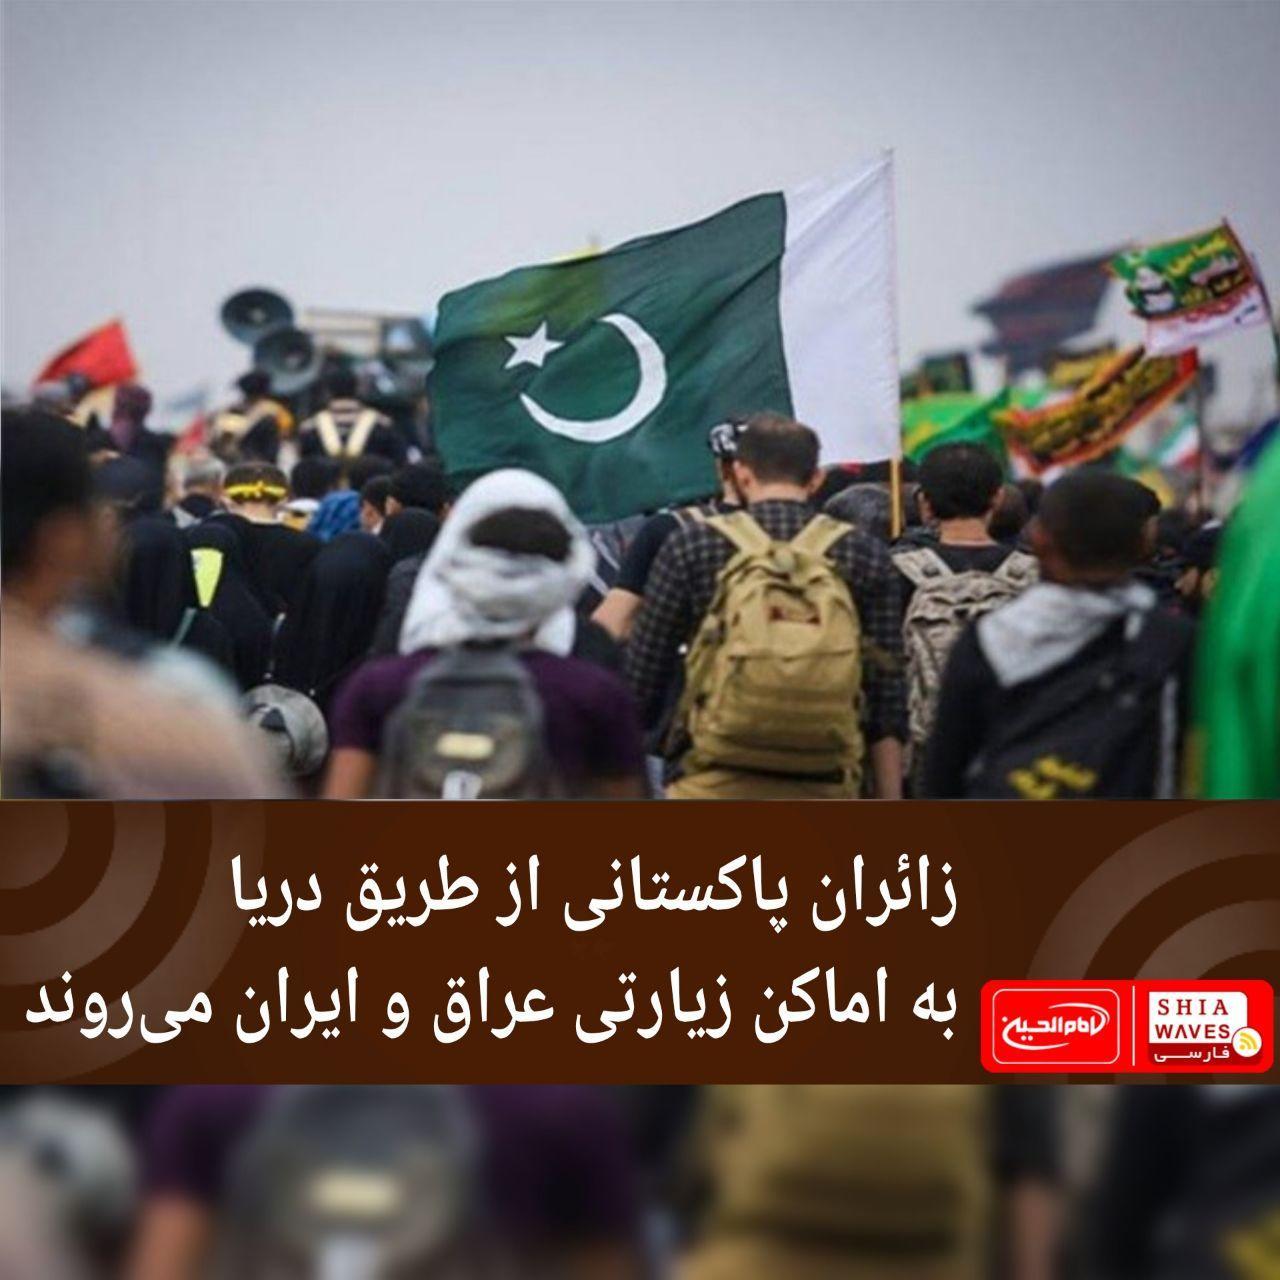 تصویر زائران پاکستانی از طریق دریا به اماکن زیارتی عراق و ایران میروند